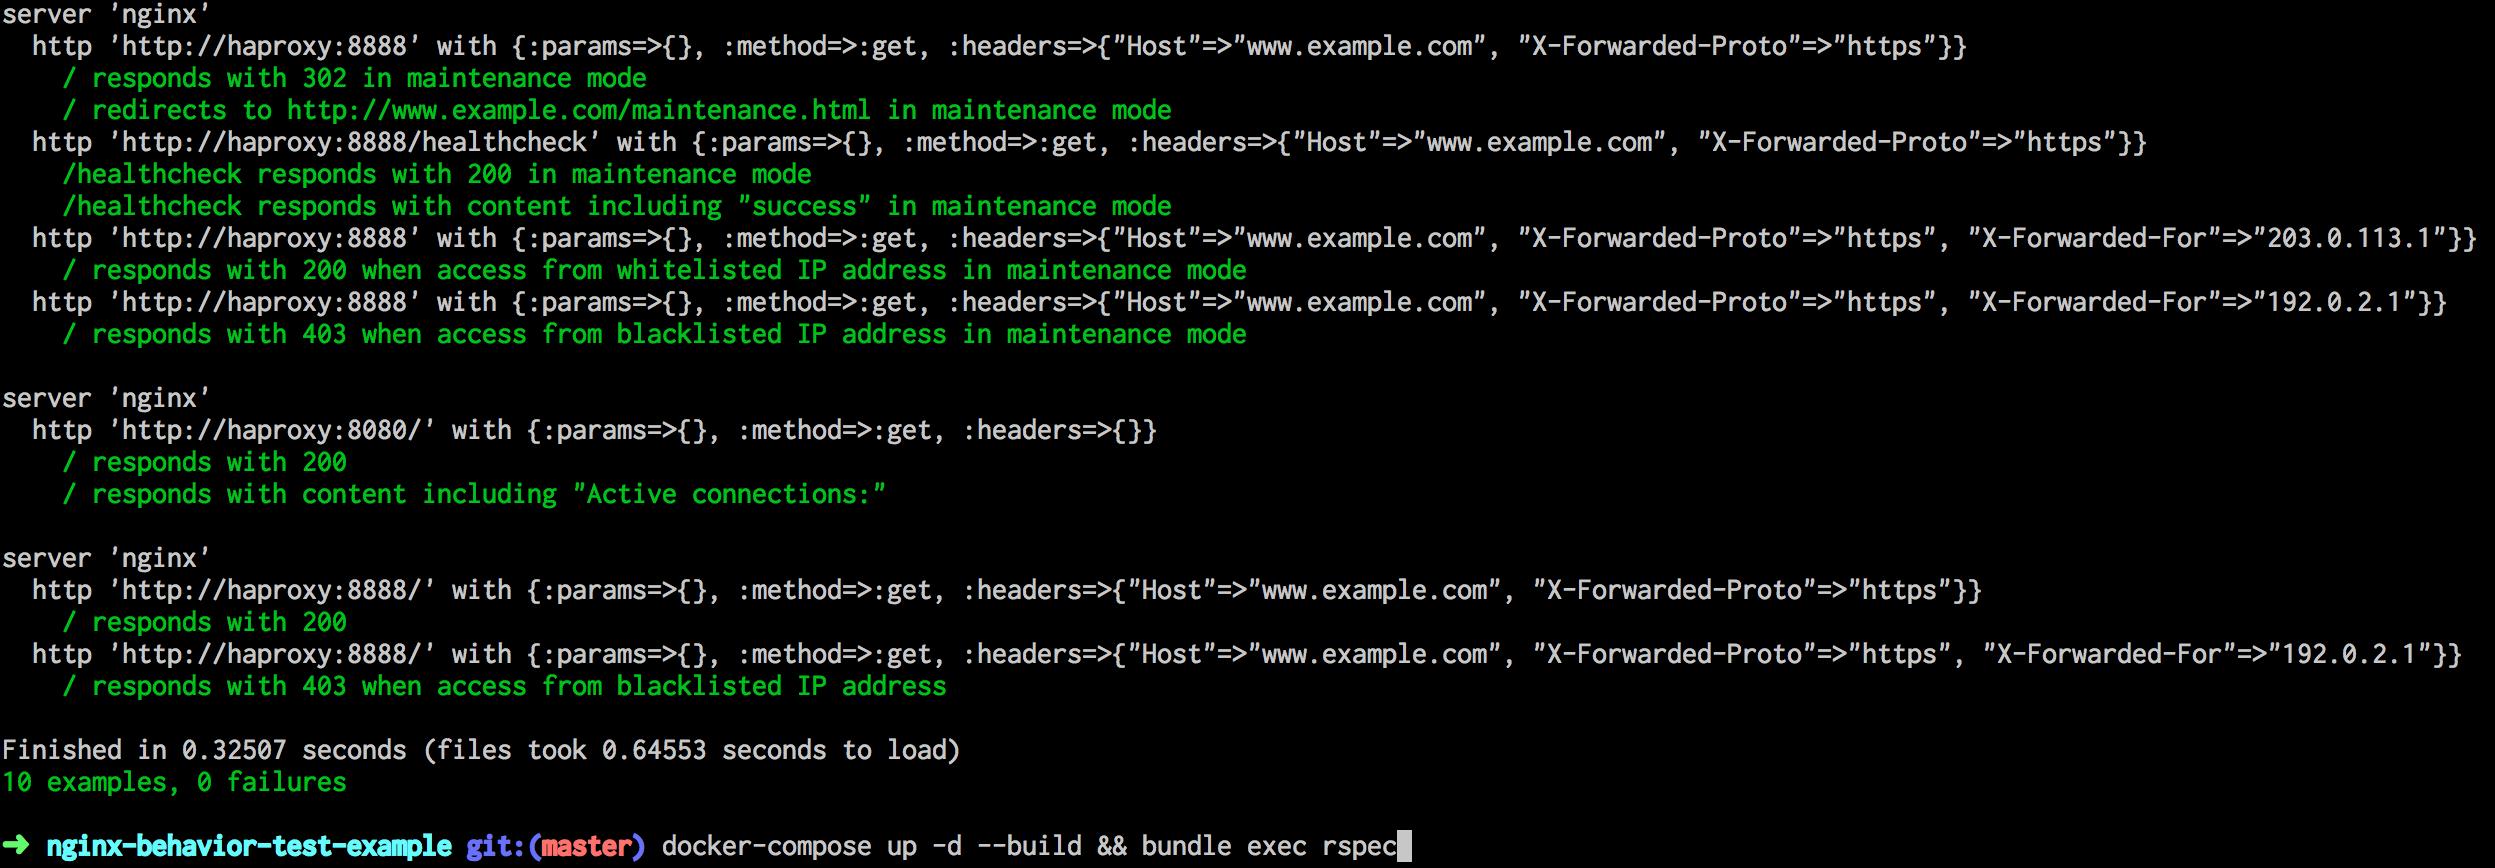 Docker と infrataster で nginx の振る舞いをテストする - インフラ